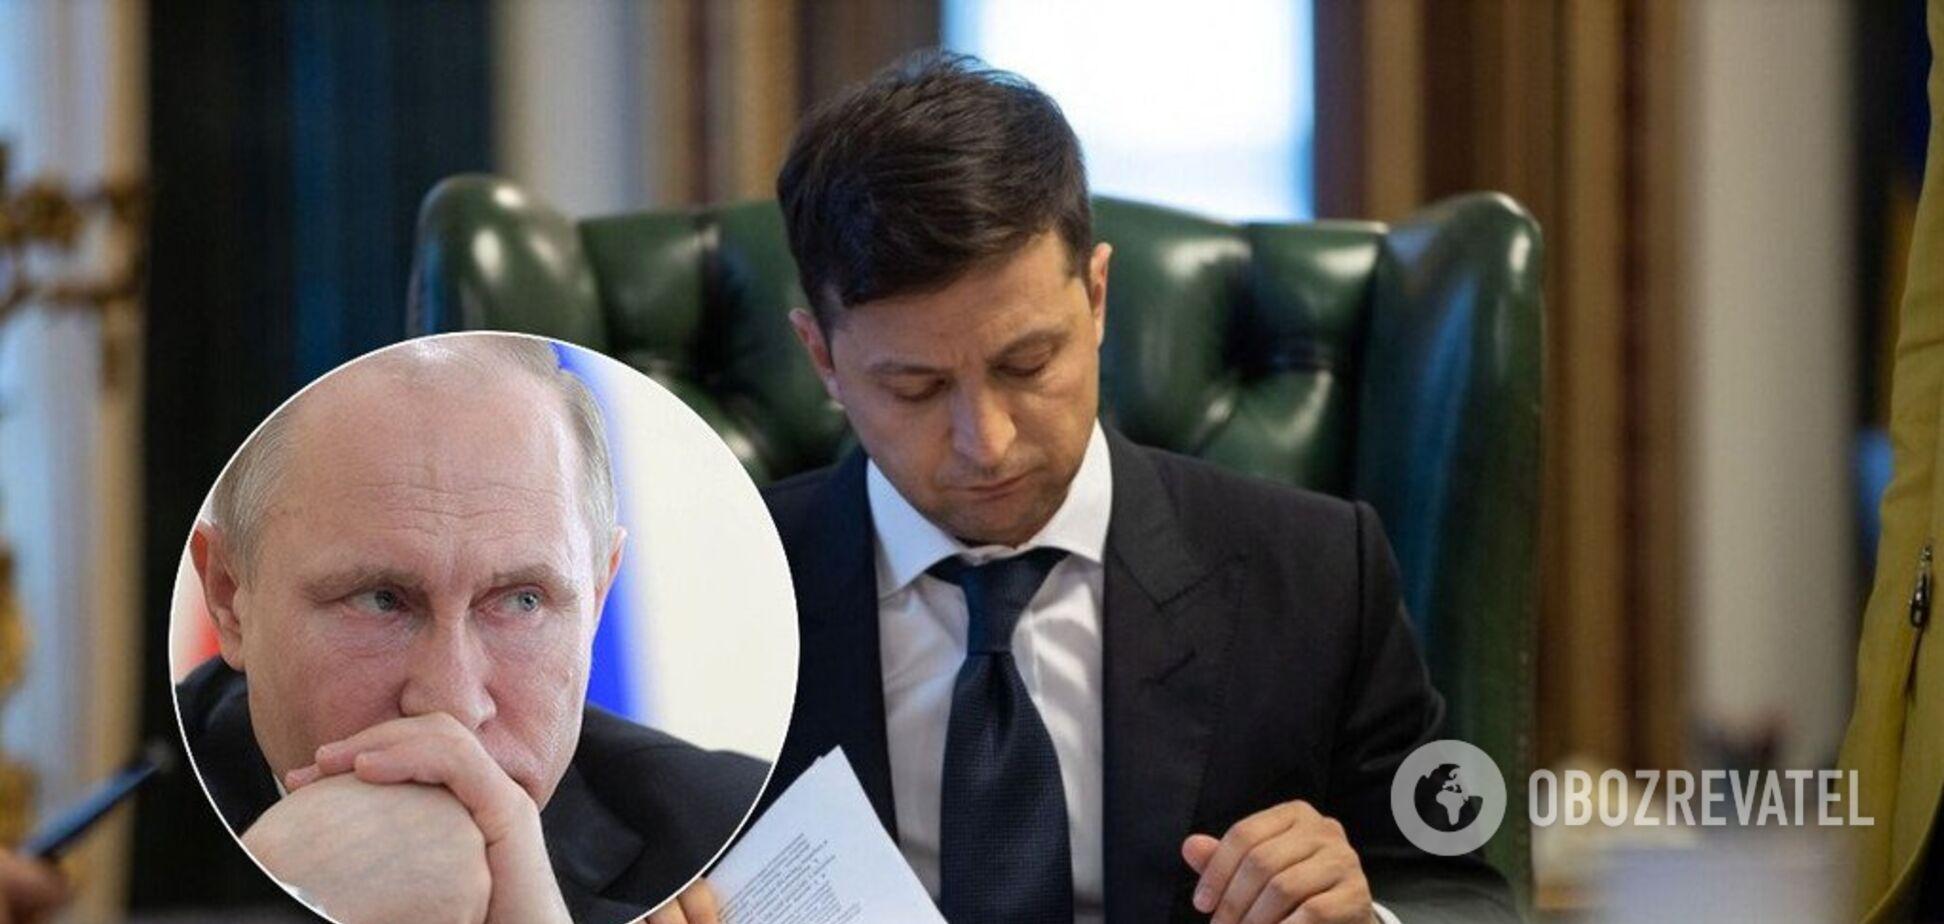 Для Путина опасен 'фактор Зеленского' — соратник Горбачева